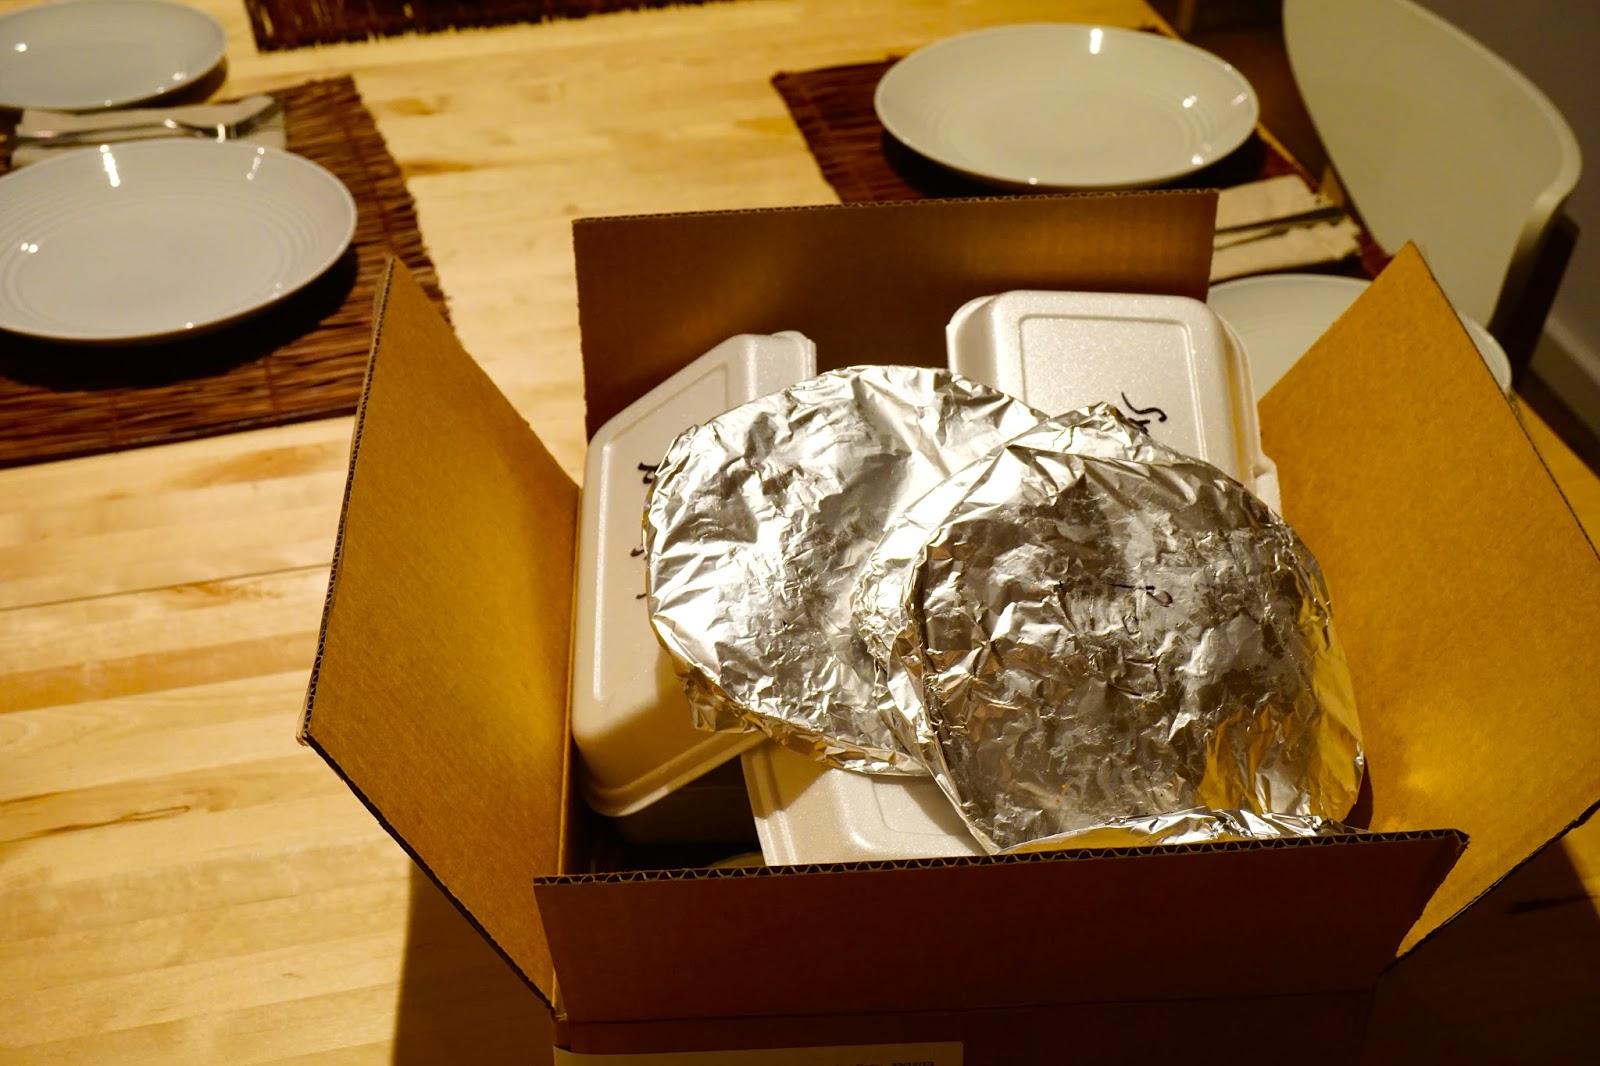 Menulog takeaway food order arrived